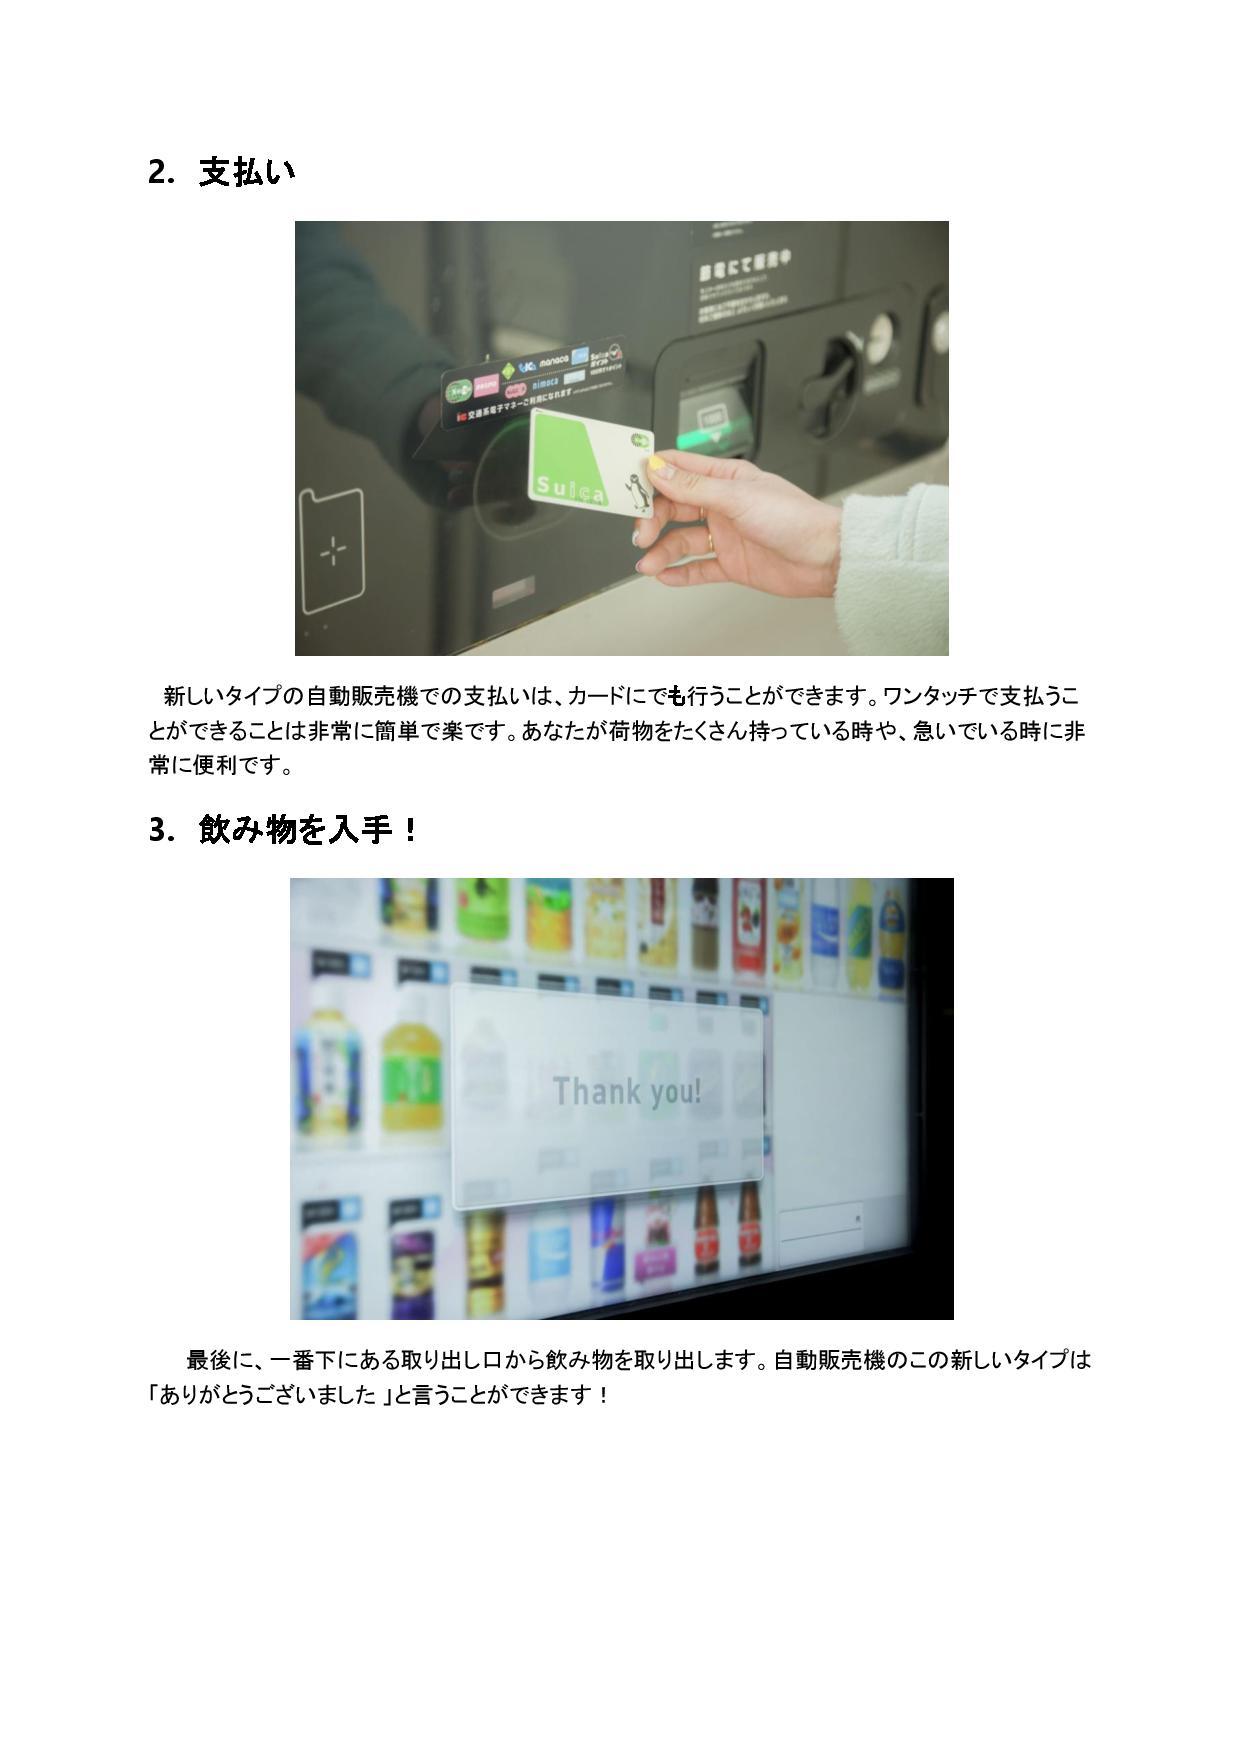 自動販売機-page-002